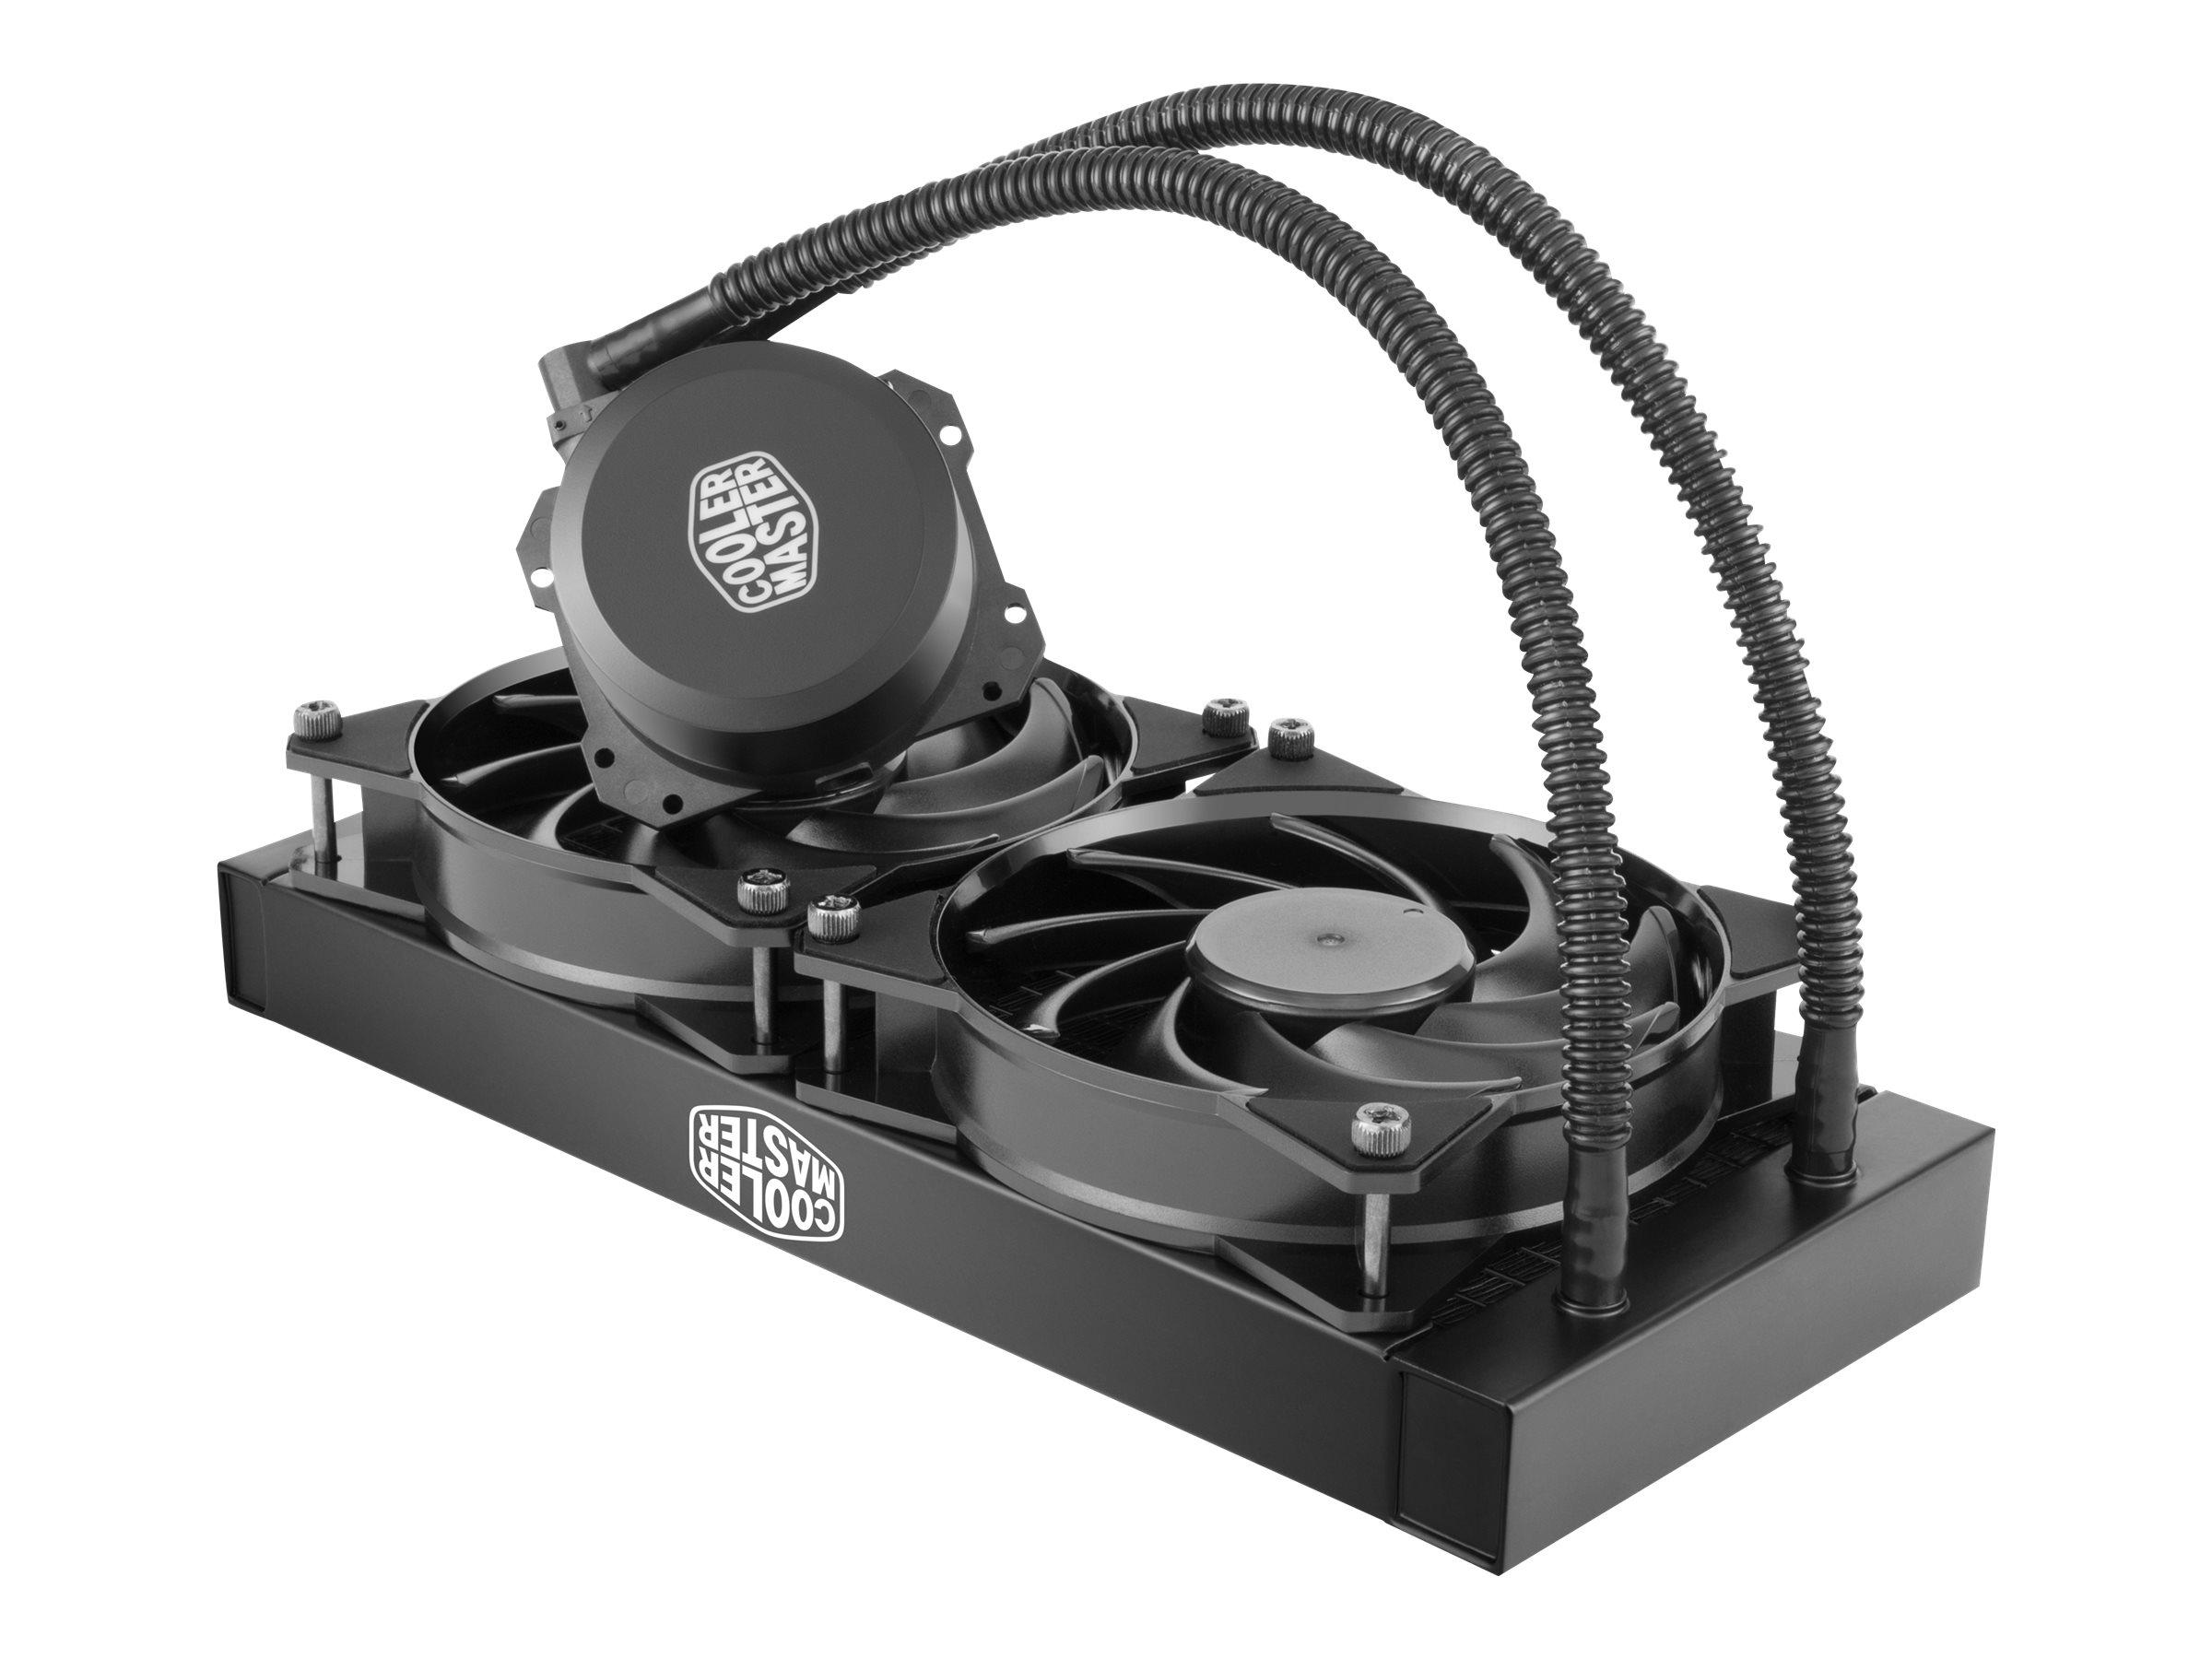 Cooler Master MasterLiquid Lite 240 - Prozessor-Flüssigkeitskühlsystem - (für: LGA775, LGA1156, AM2, AM2+, LGA1366, AM3, LGA1155, AM3+, LGA2011, FM1, FM2, LGA1150, FM2+, LGA2011-3, LGA1151, AM4, LGA2066)